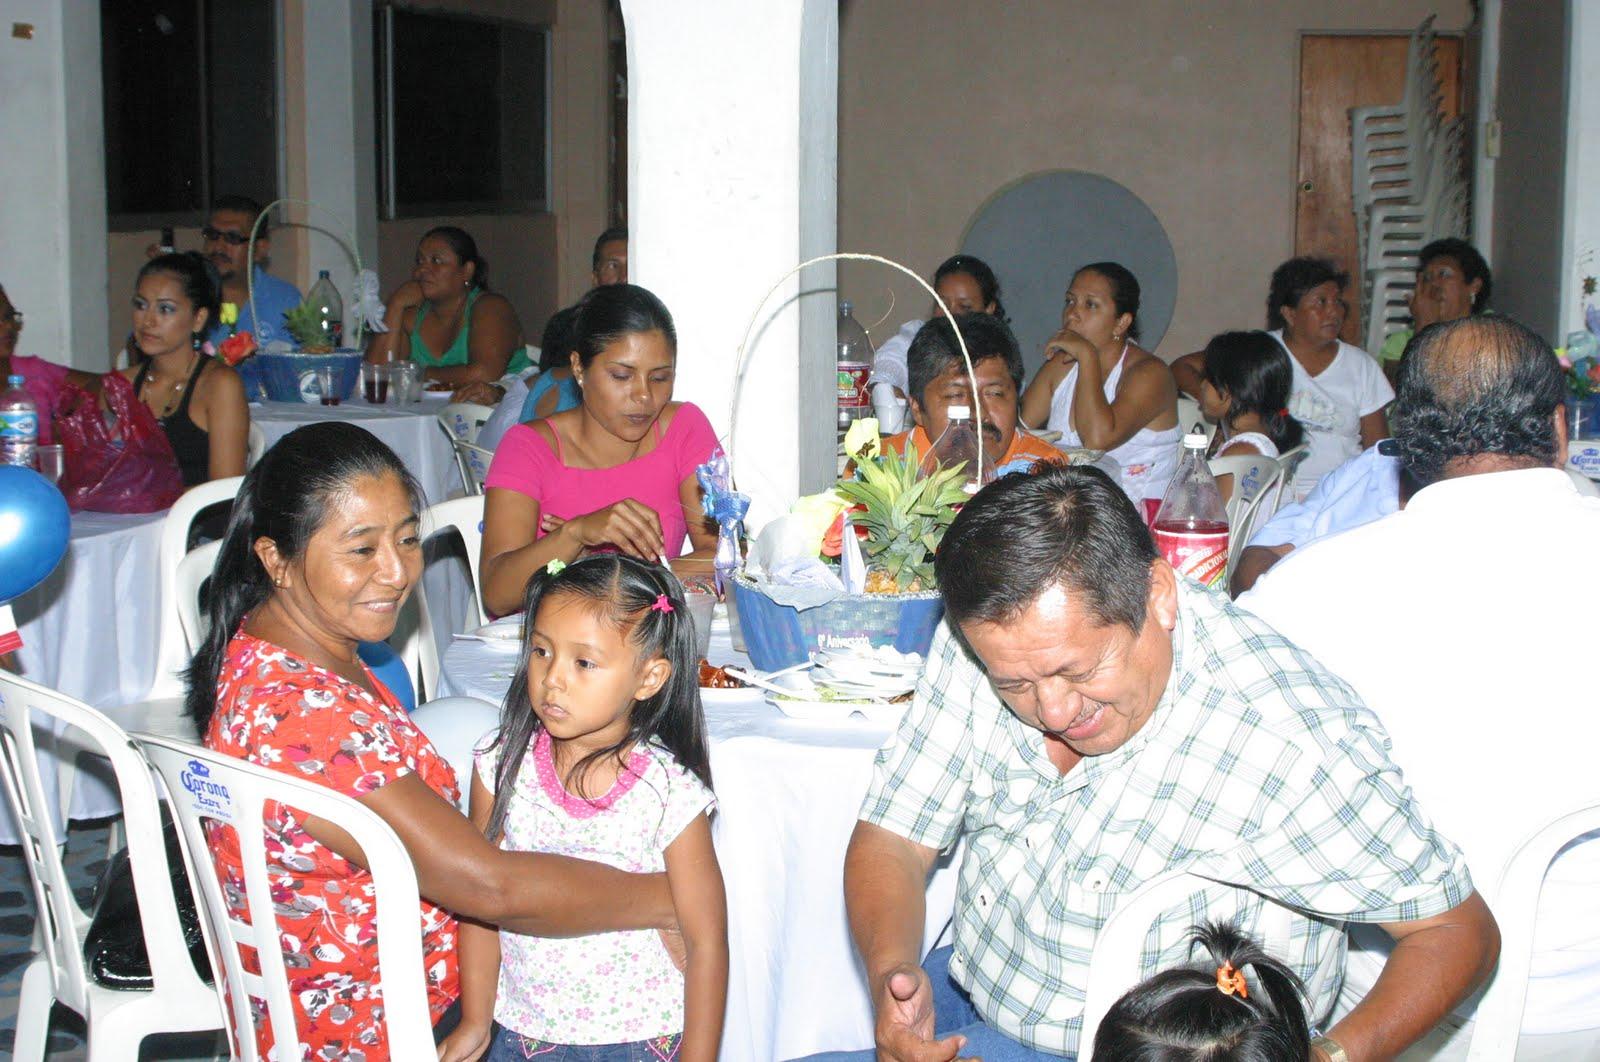 Grupo de cuarto y quinto paso vida nueva acayucan ver 2011 for Cuarto y quinto paso